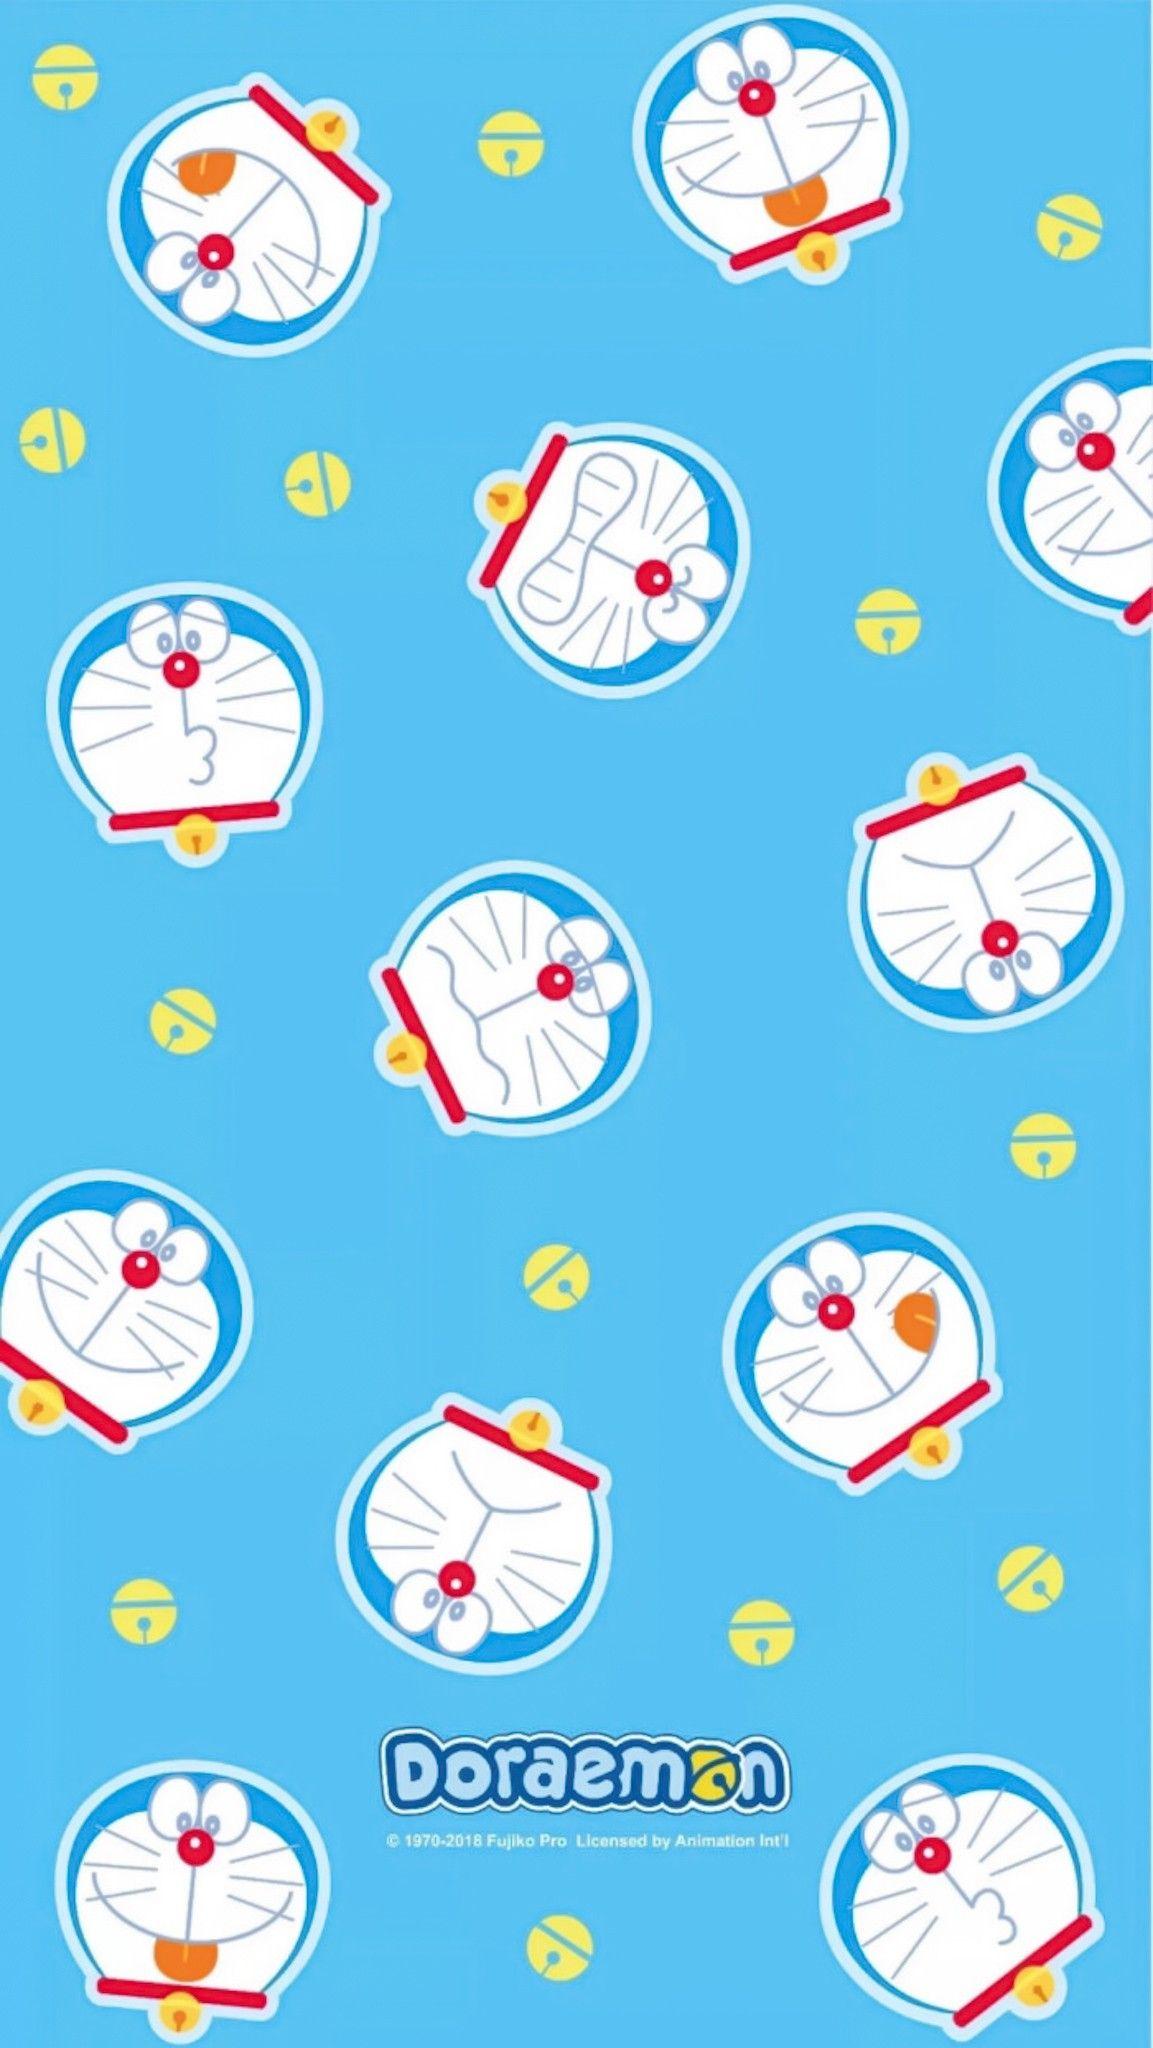 Gambar Doraemon ☆ BG oleh Aekkalisa di 2020 Kartun